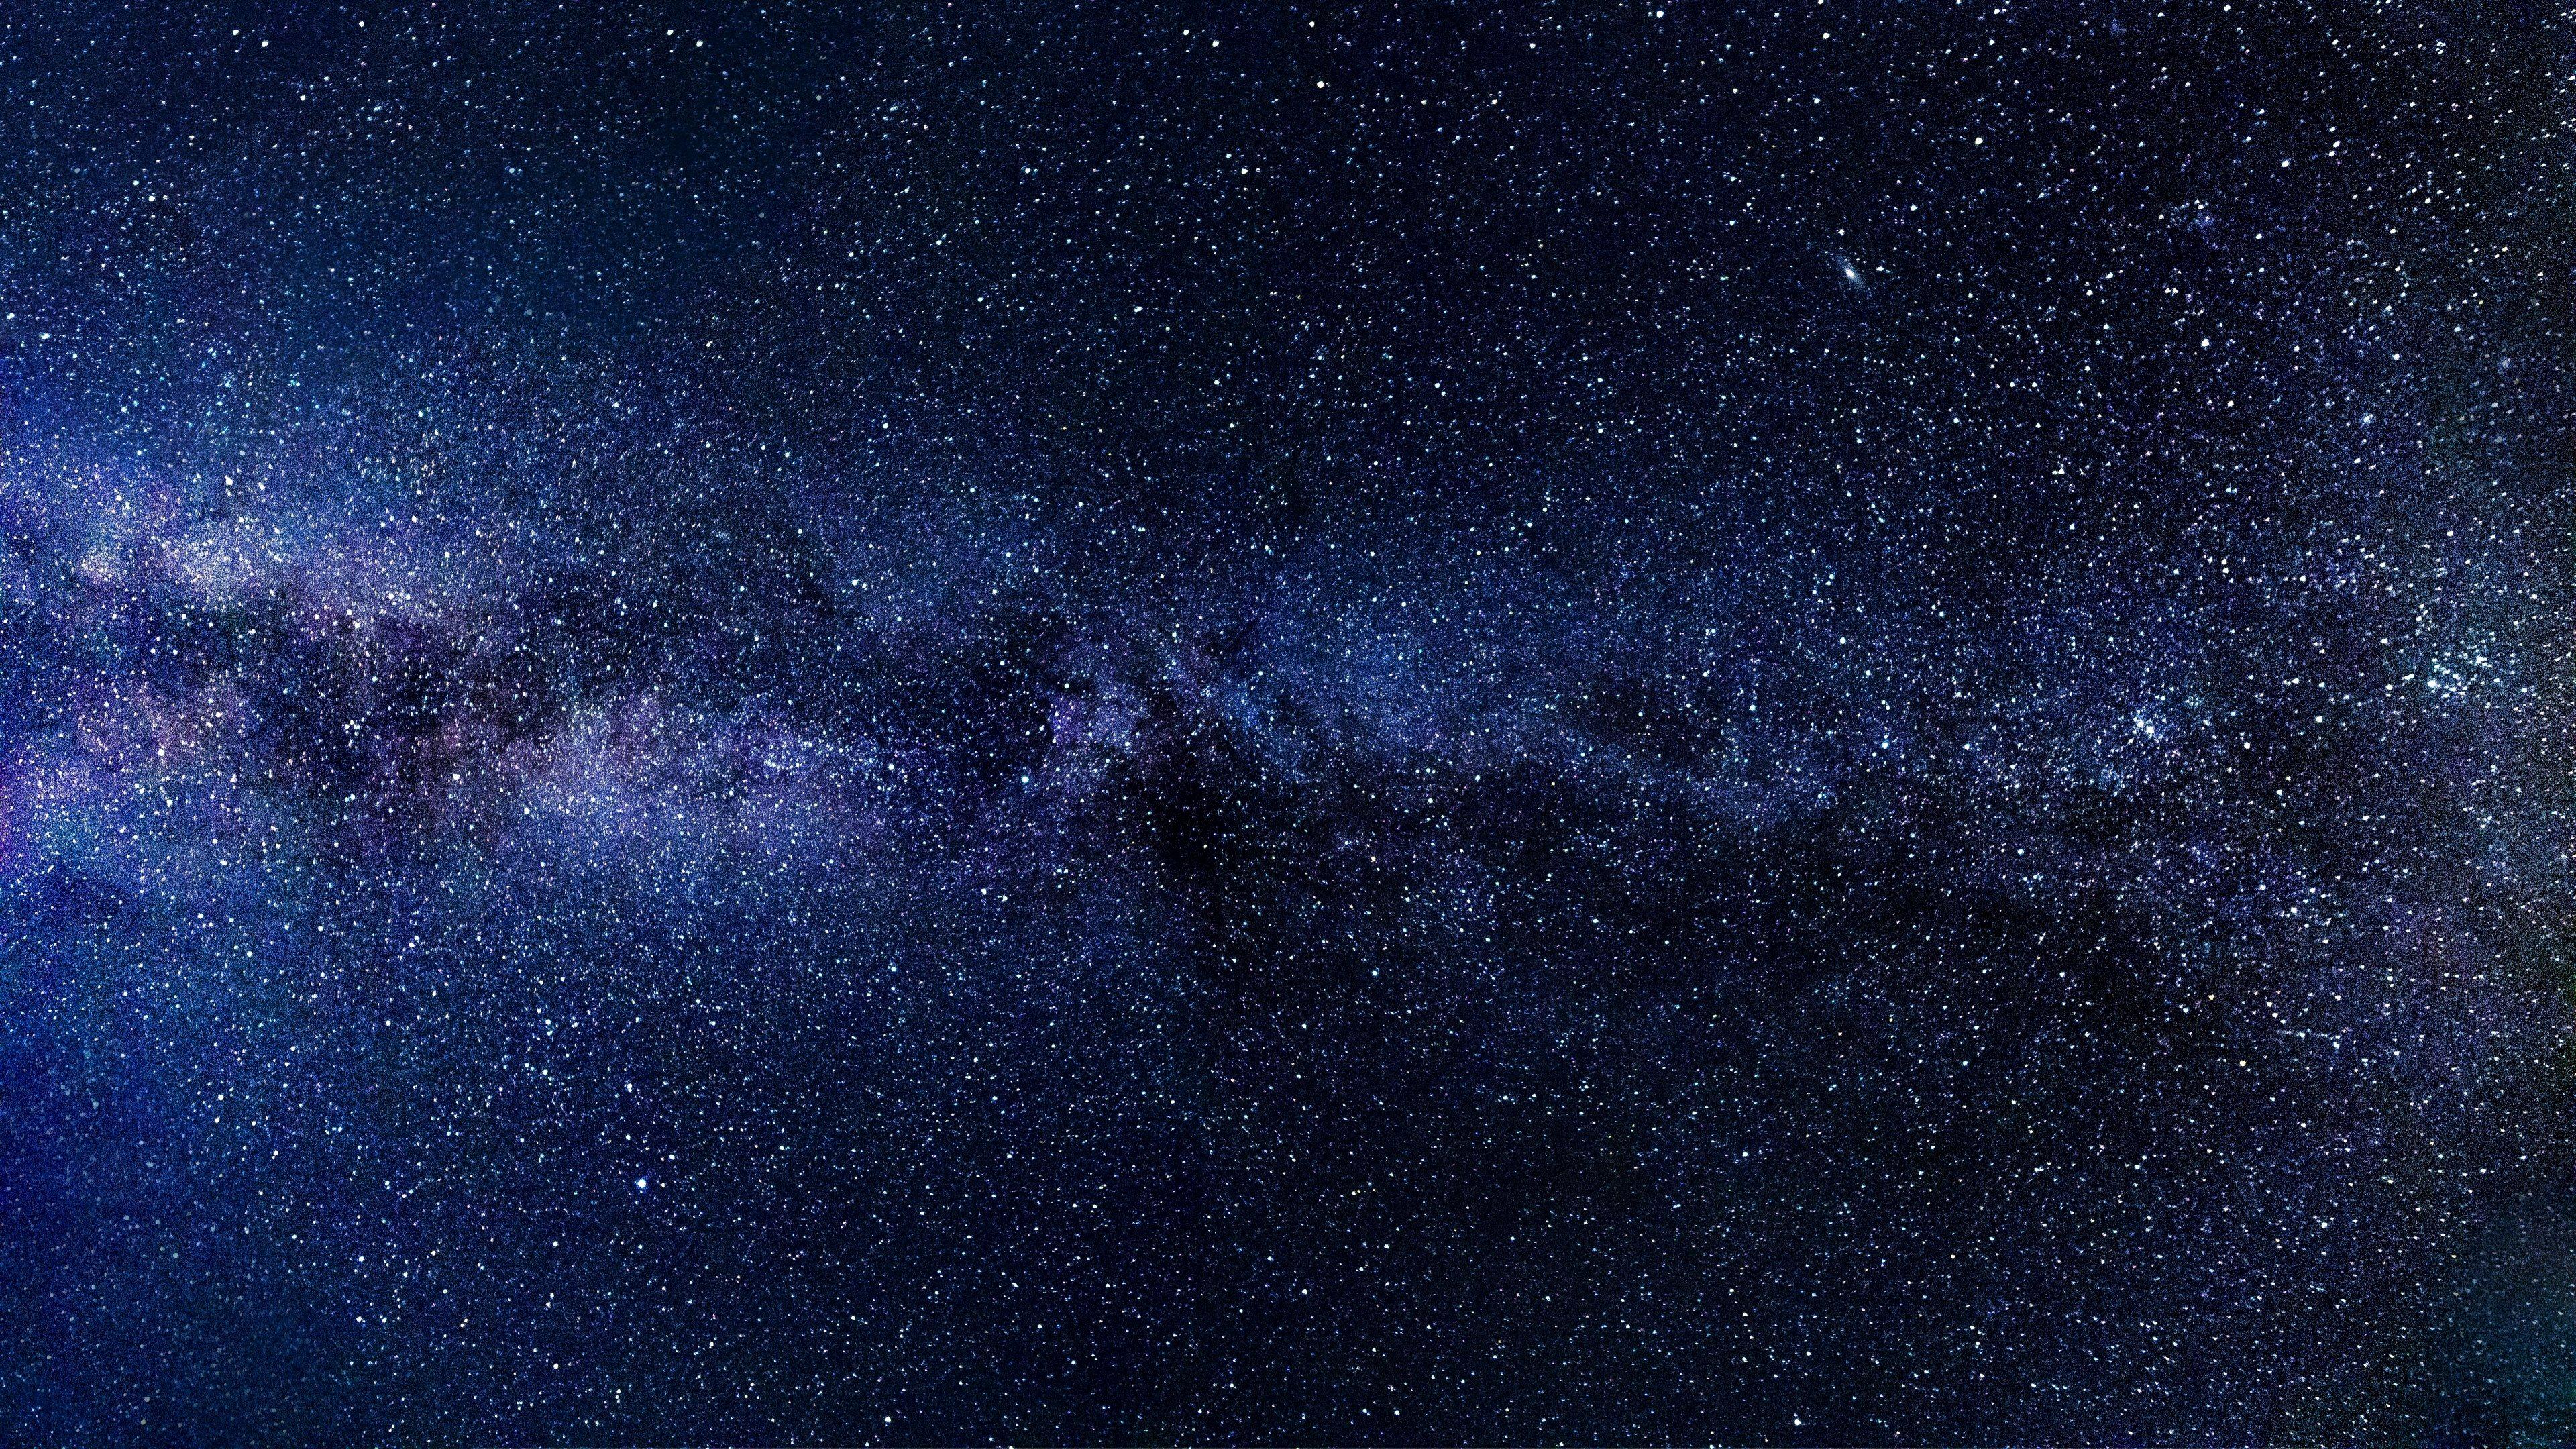 4k Space Stars Wallpaper Trick Langit Malam Galaksi Bima Sakti Langit